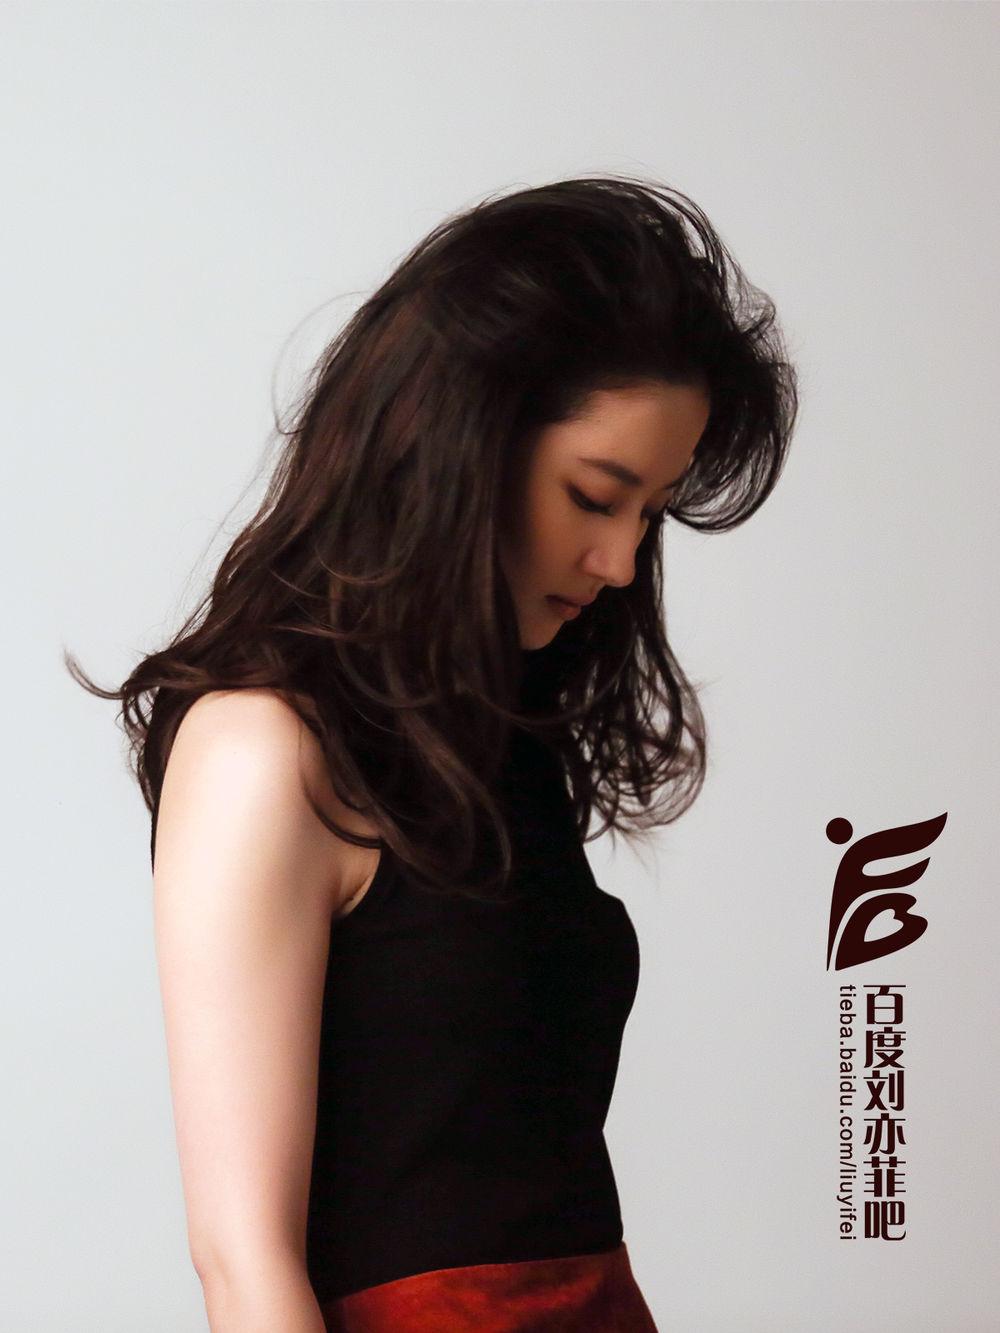 天梭时刻高清花絮  《刘亦菲》[2015.12.27]